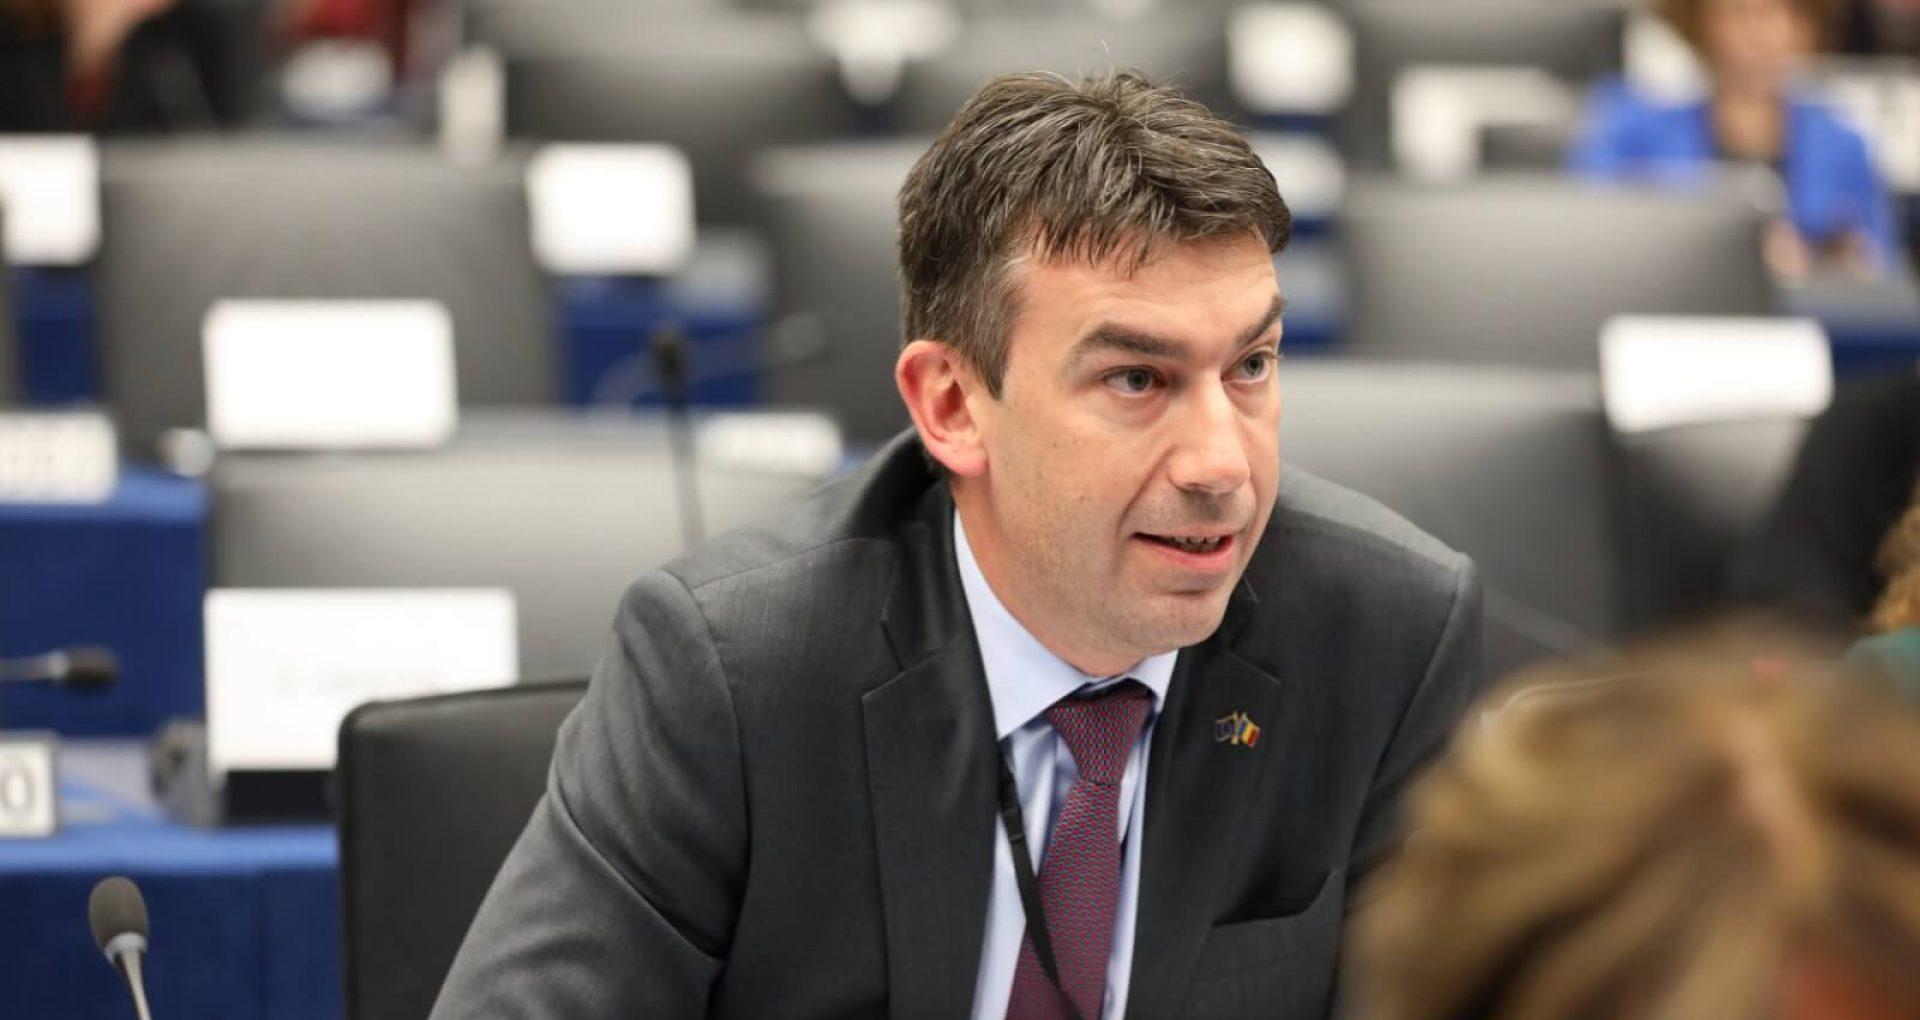 """Europarlamentarul Dragoș Tudorache condamnă deciziile adoptate de PSRM – ȘOR: """"Președinta CC trebuie să își ducă mandatul la bun sfârșit, iar pretinsa numire de astăzi nu are nicio valoare legală"""""""